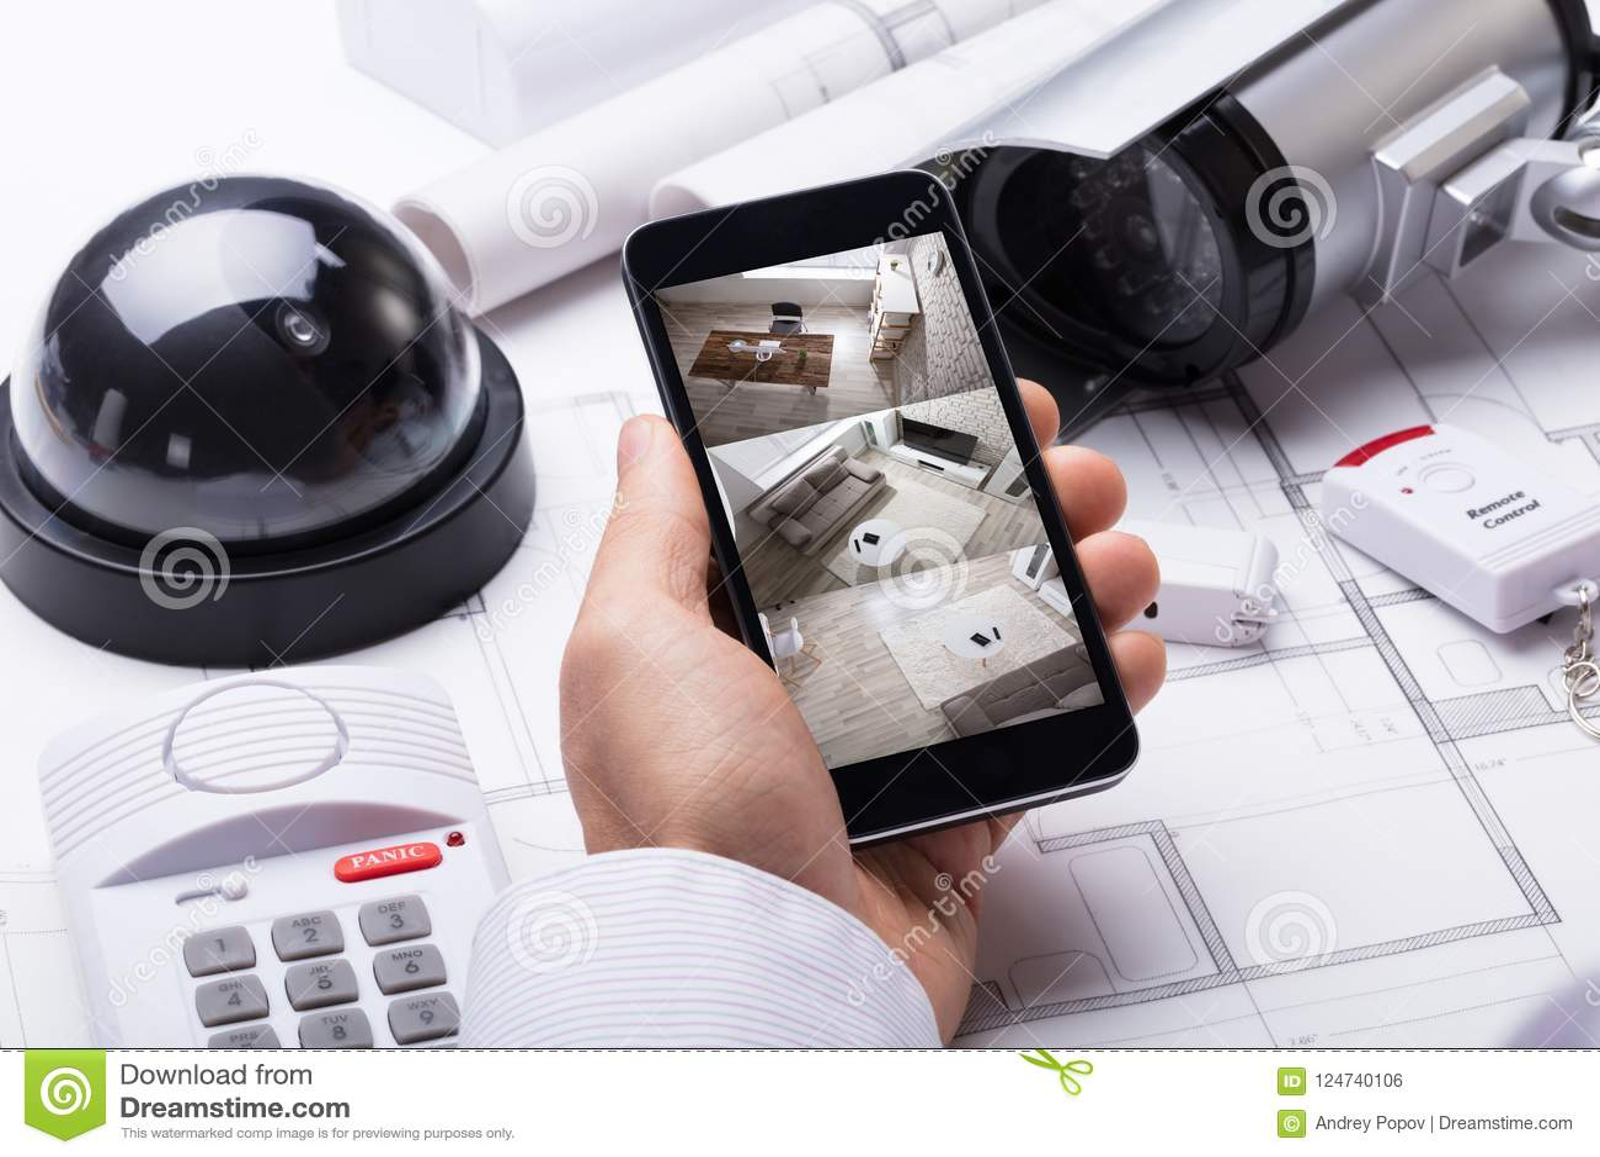 使用住家安全系统的人手在移动电话